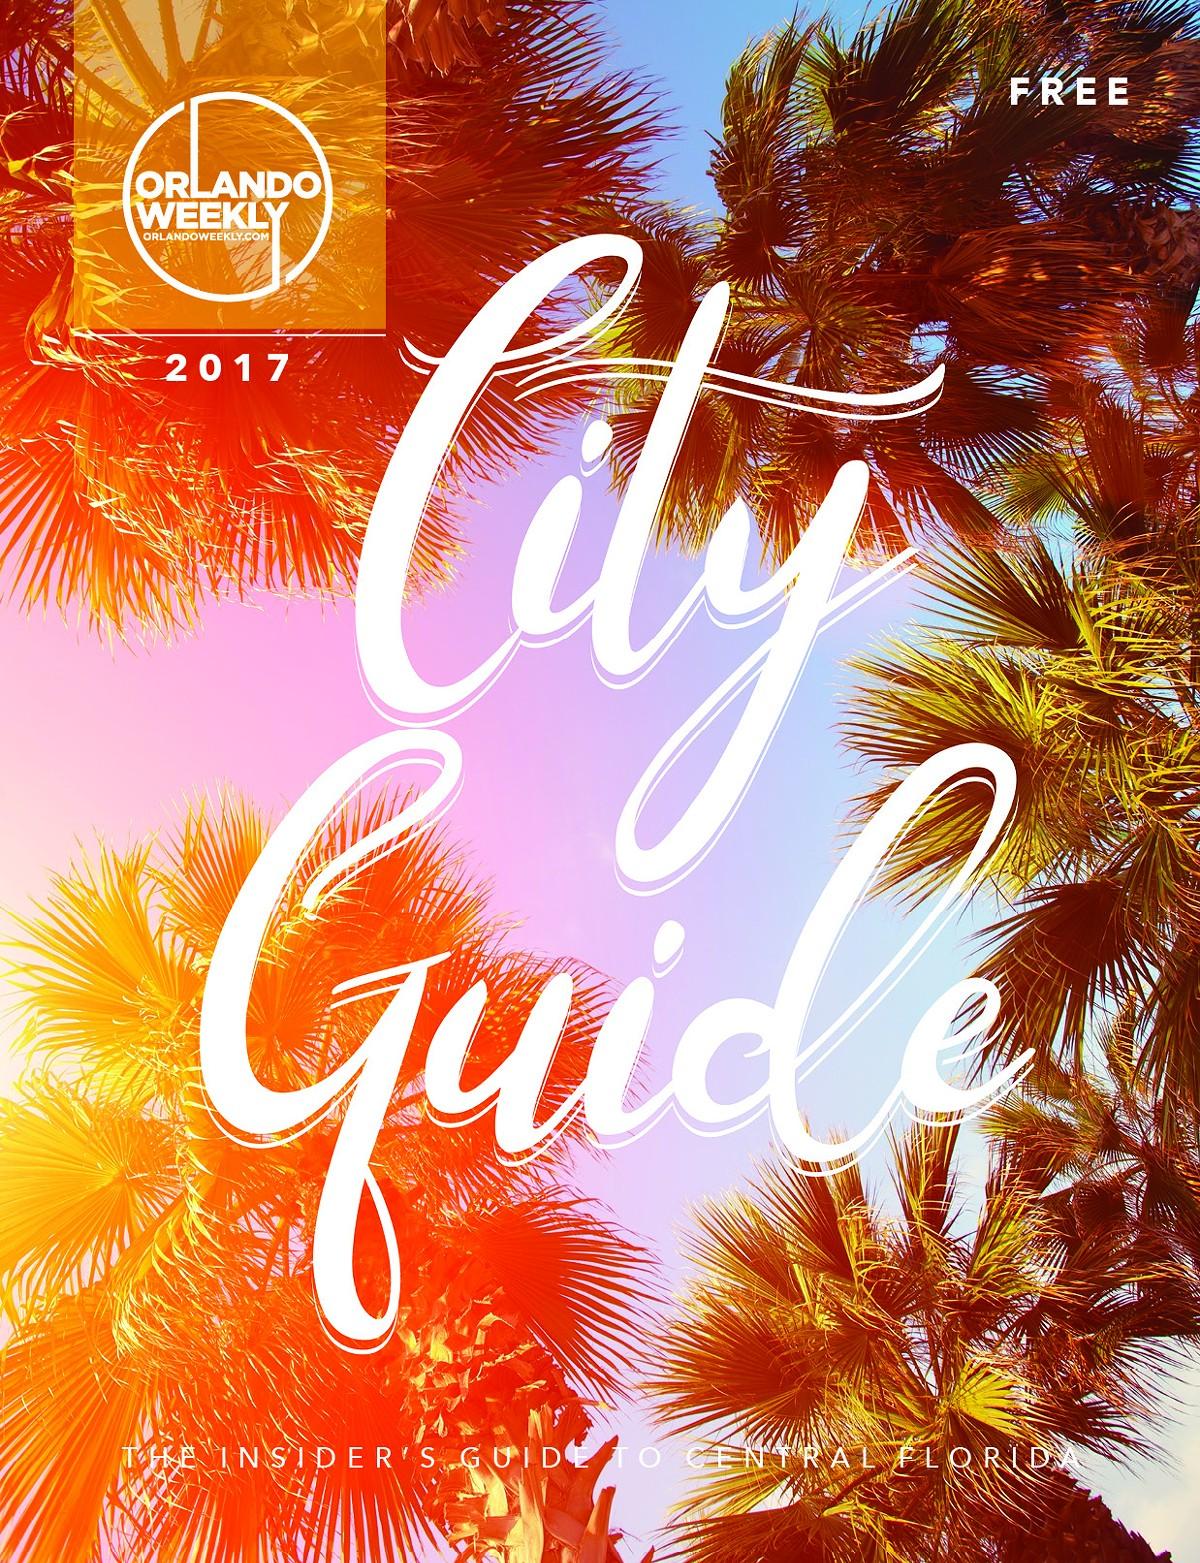 cityguide2017_cover.jpg